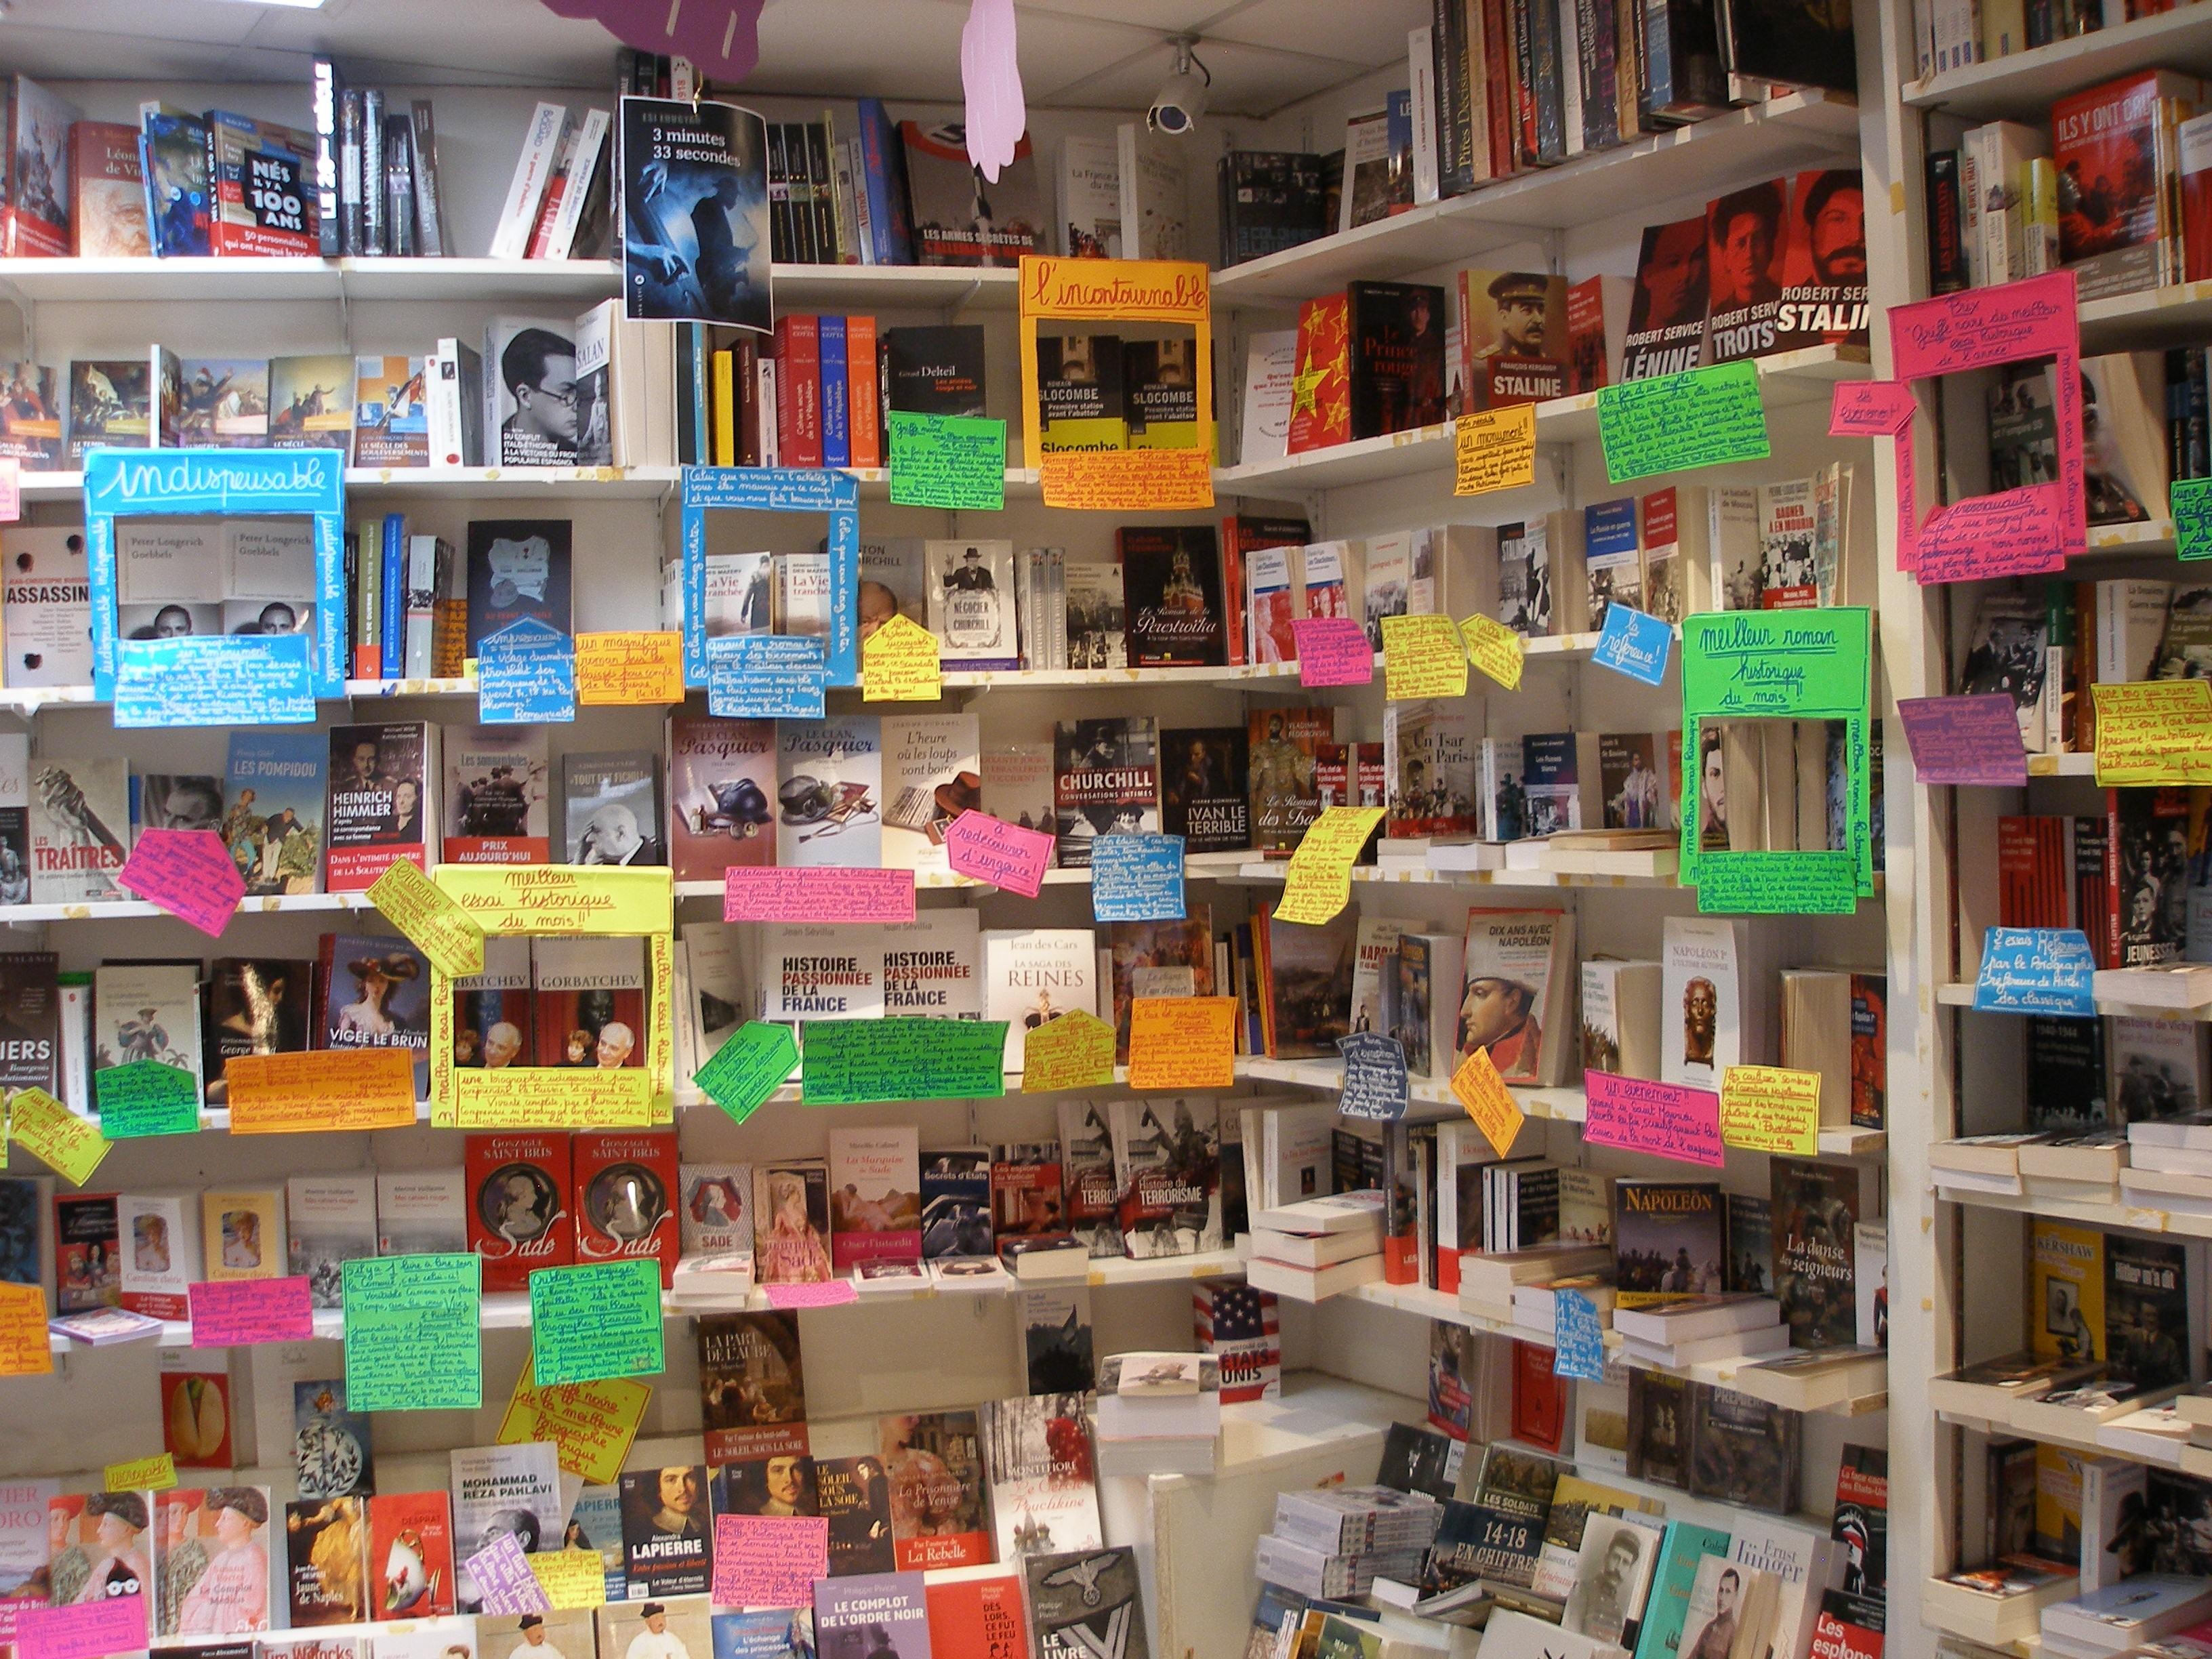 librairie-vitrine-avis-clients-3